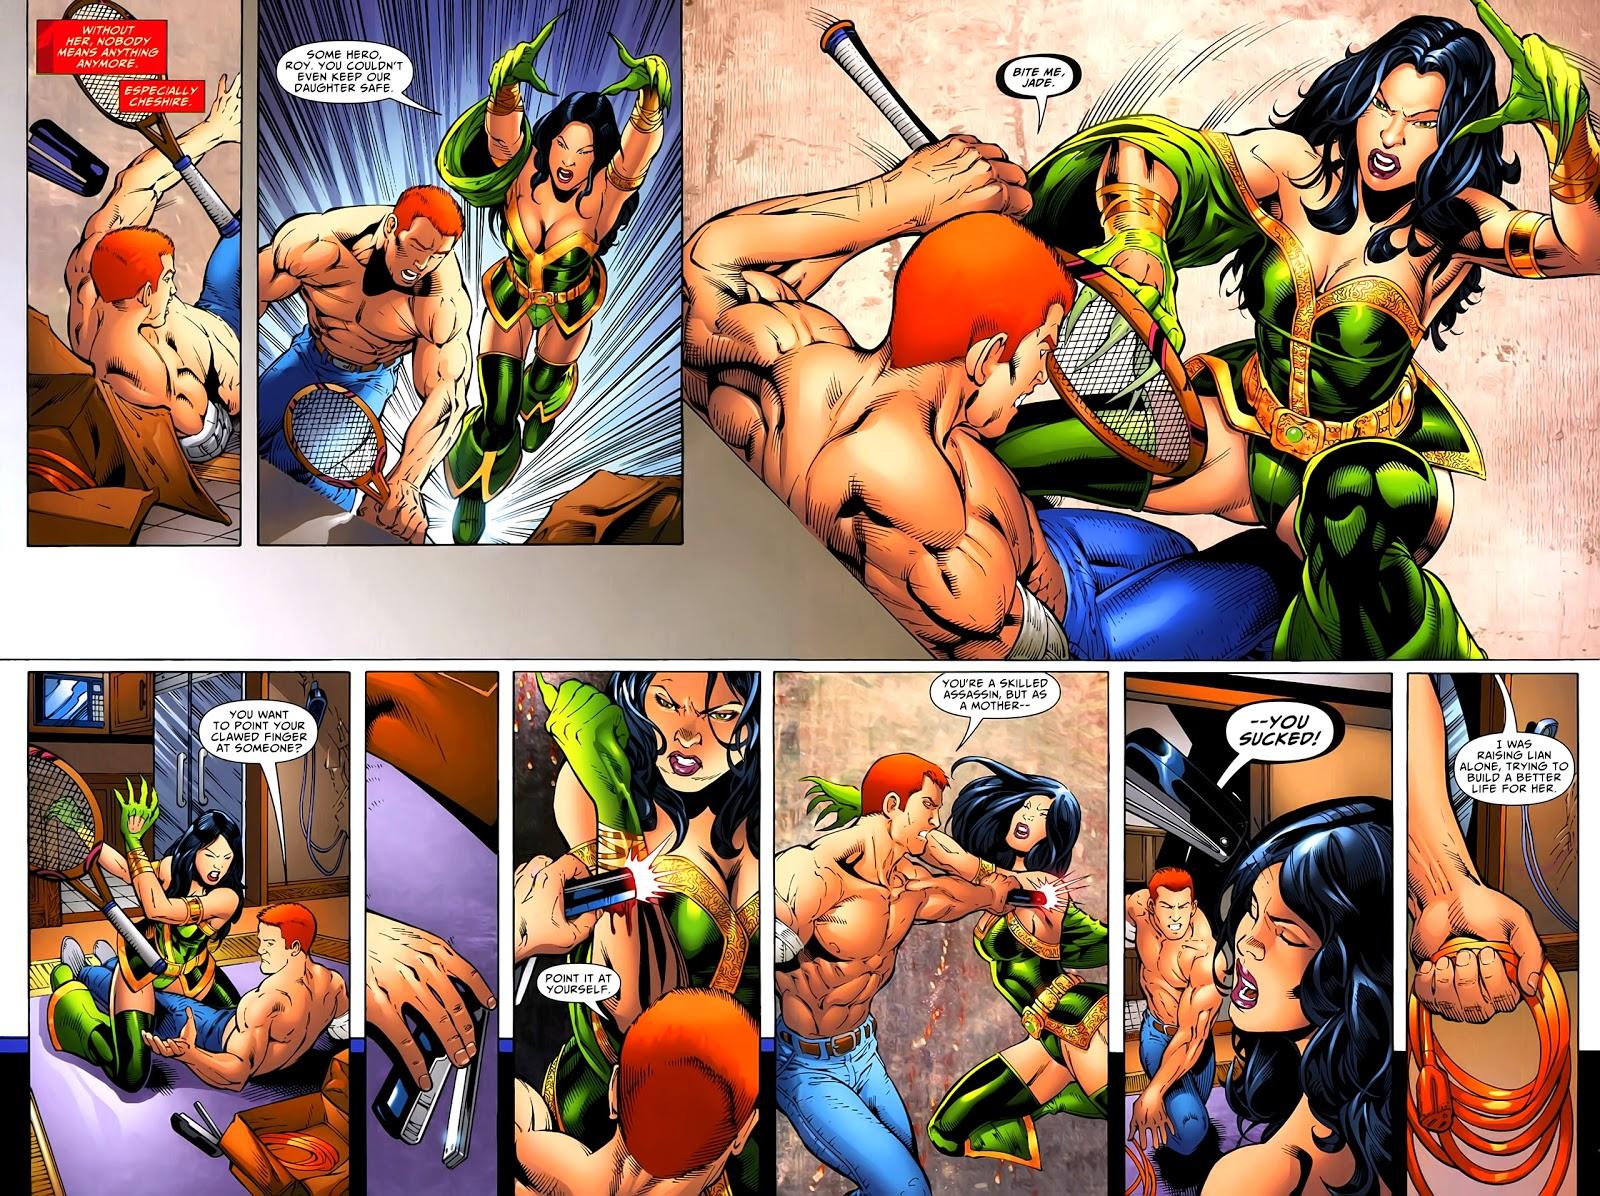 Kinky Sex in Comics